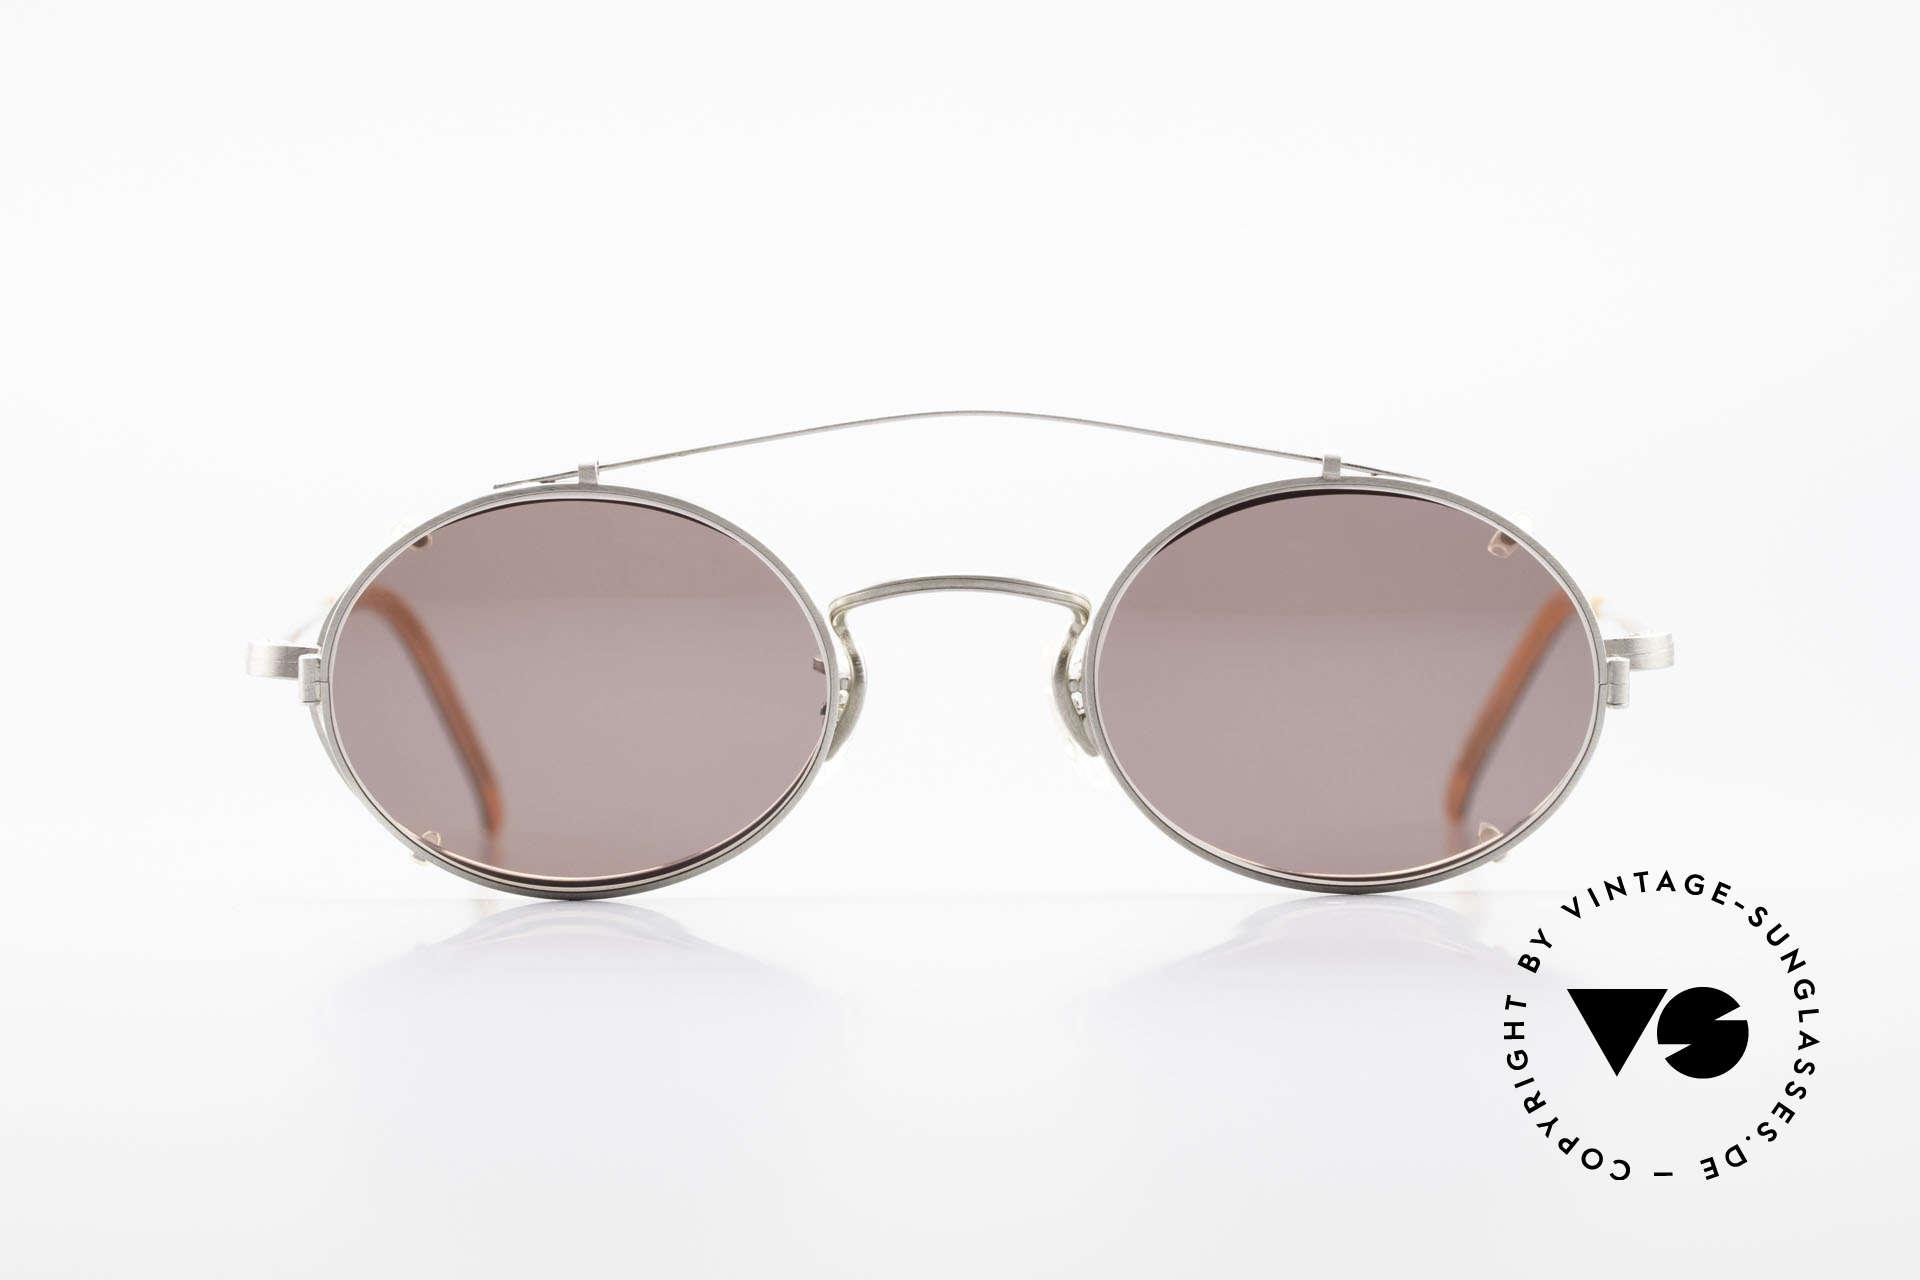 Paul Smith PS100 Ovale Vintage Brille Clip On, aus einer Zeit bevor PS Brillen Lizenzprodukte wurden, Passend für Herren und Damen